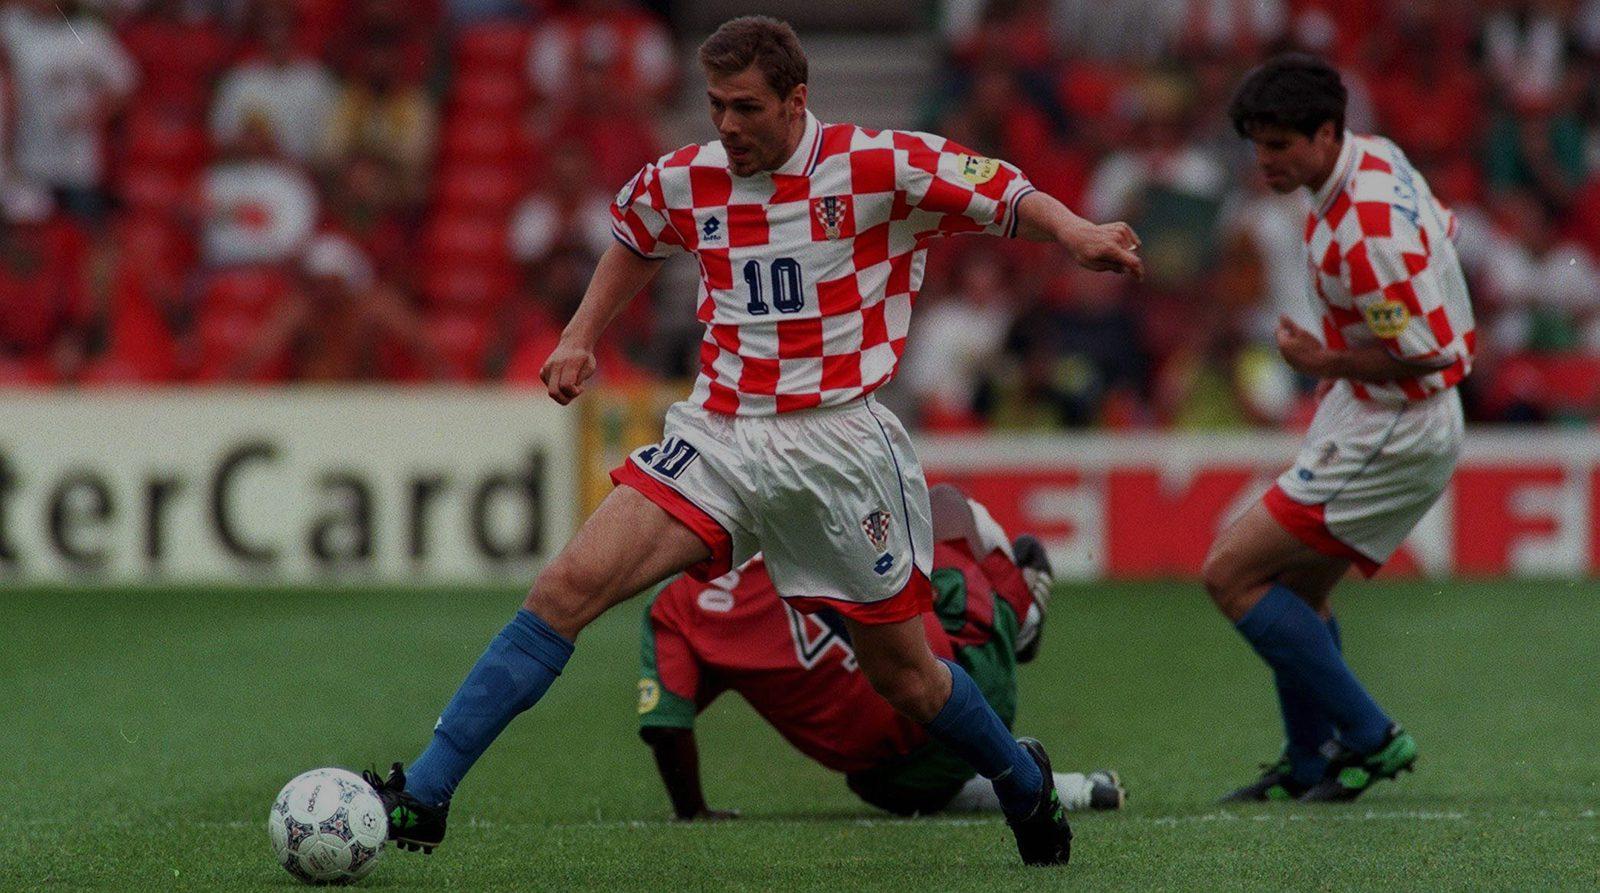 Zvonimir Boban: le meneur de jeu croate qui a commencé la guerre